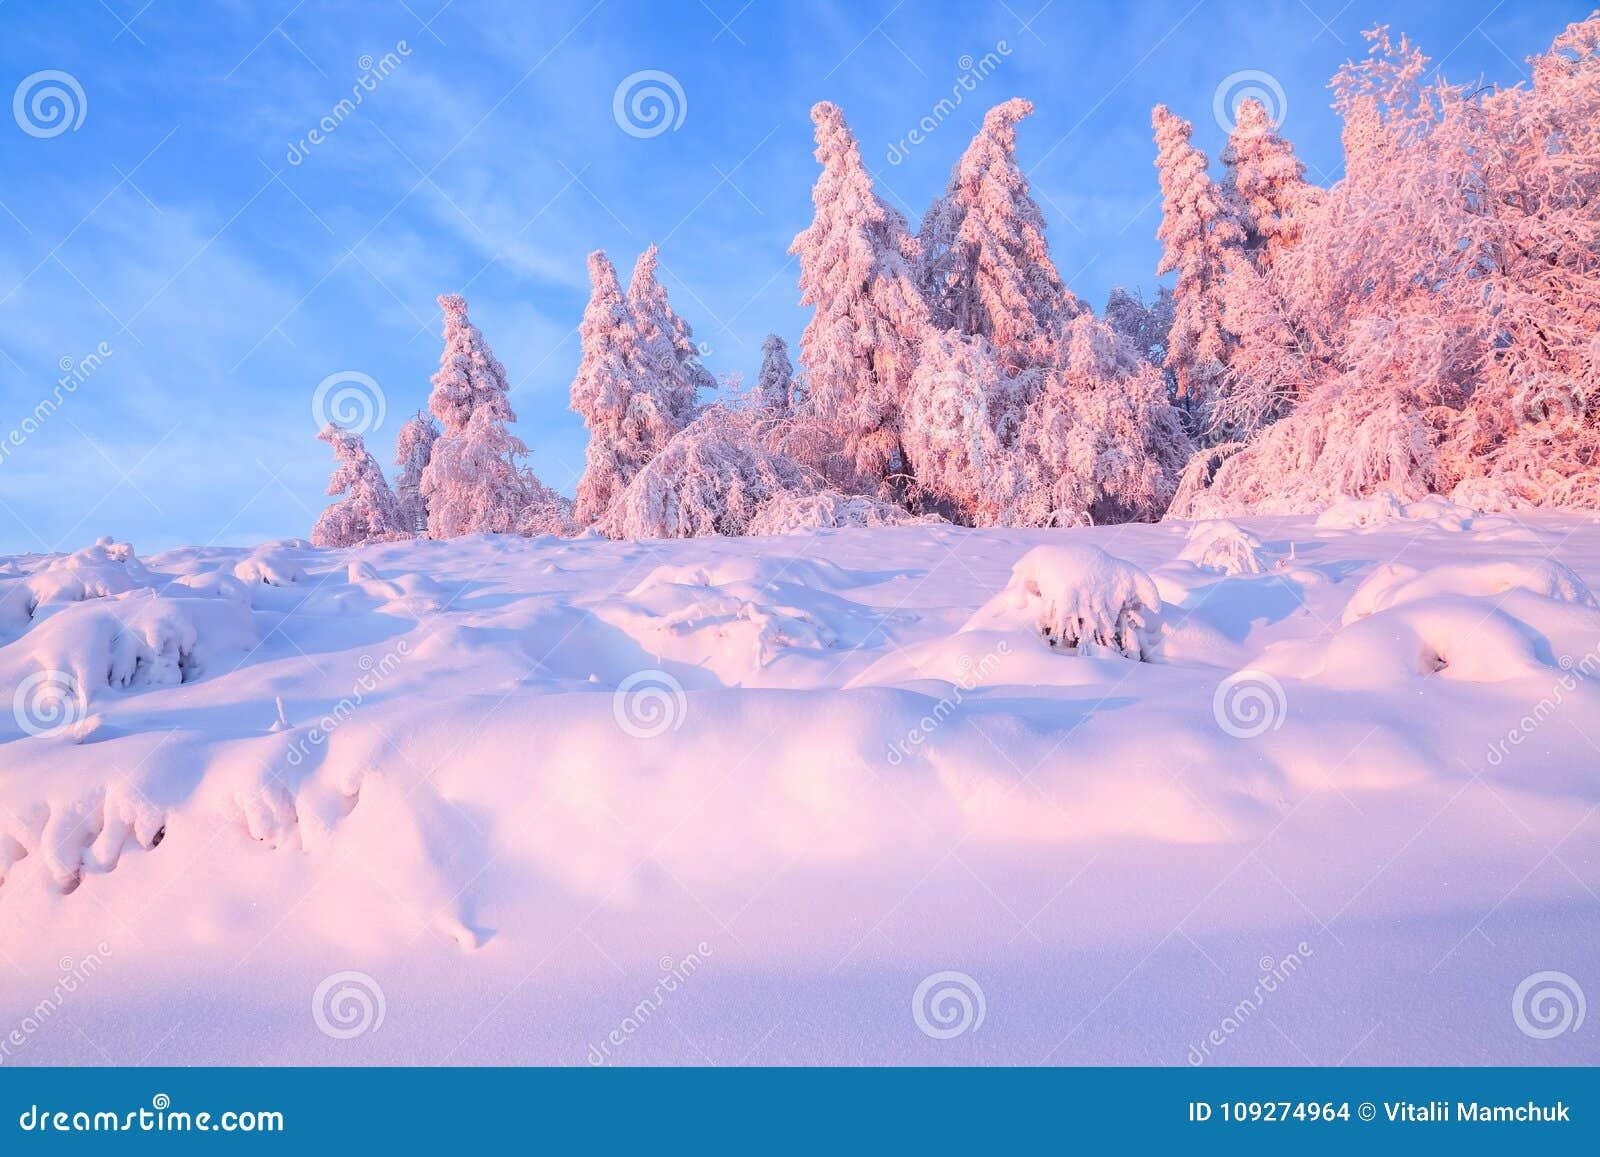 Worden behandeld informeren de Nice verdraaide bomen die met dikke sneeuwlaag toenamen gekleurde zonsondergang in mooie de winter